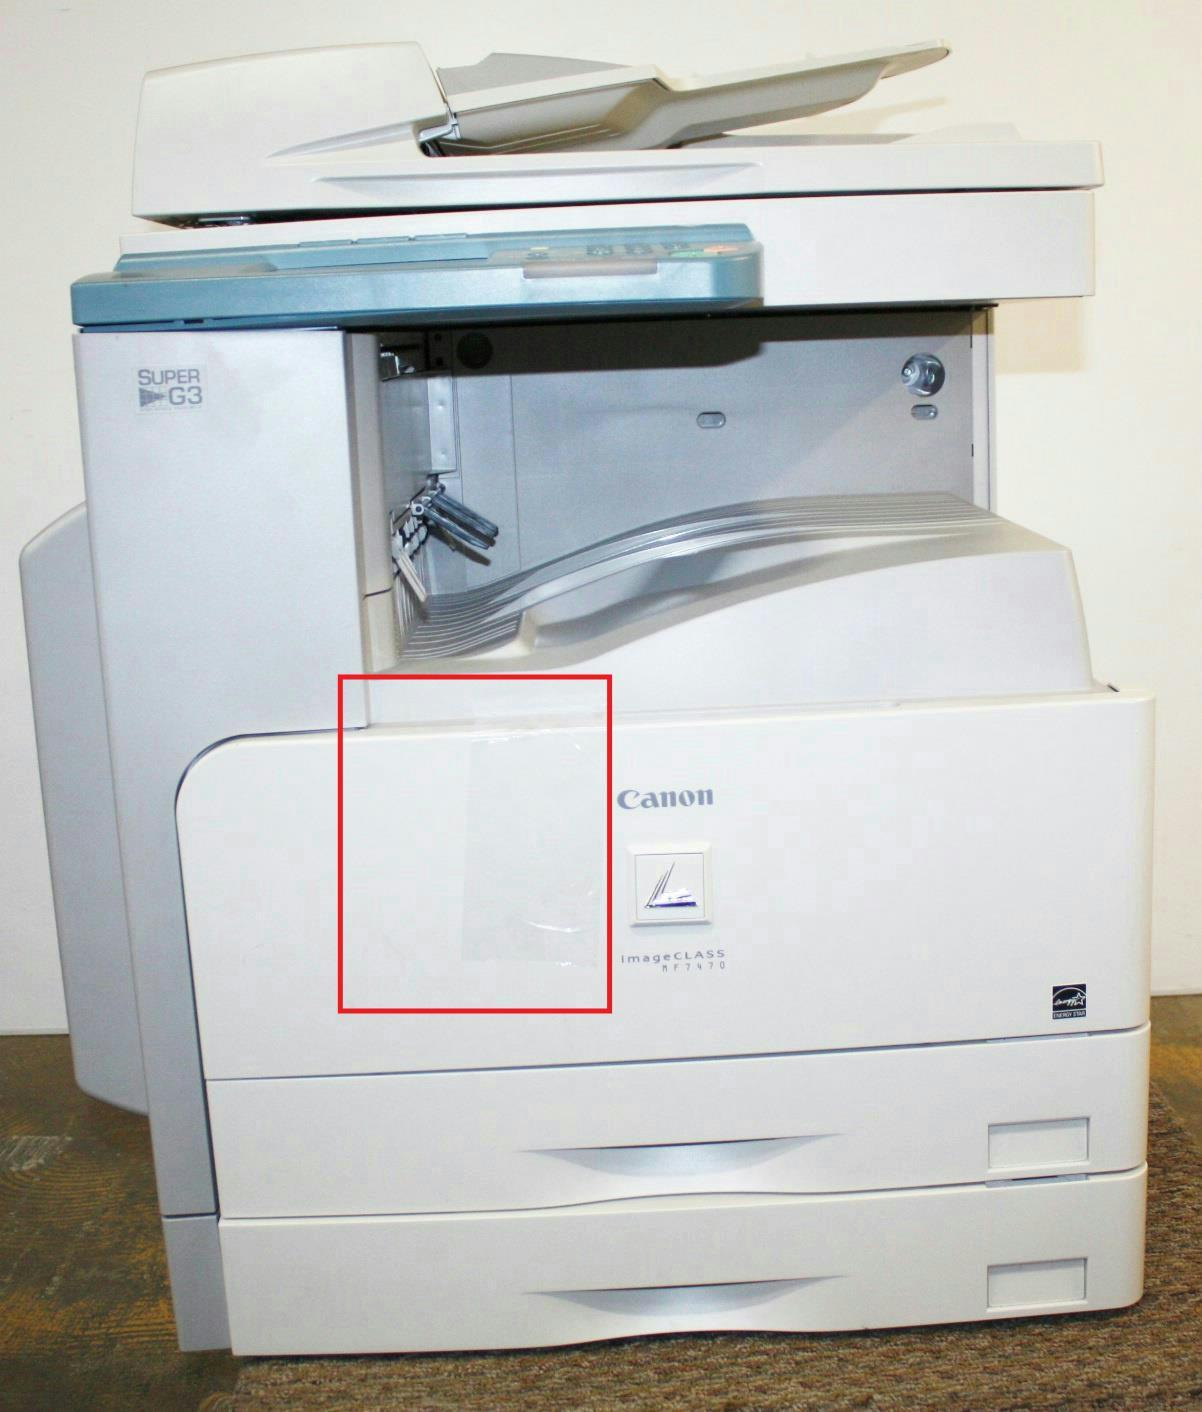 canon printer templates - canon imageclass mf7470 25ppm monochrome multi function